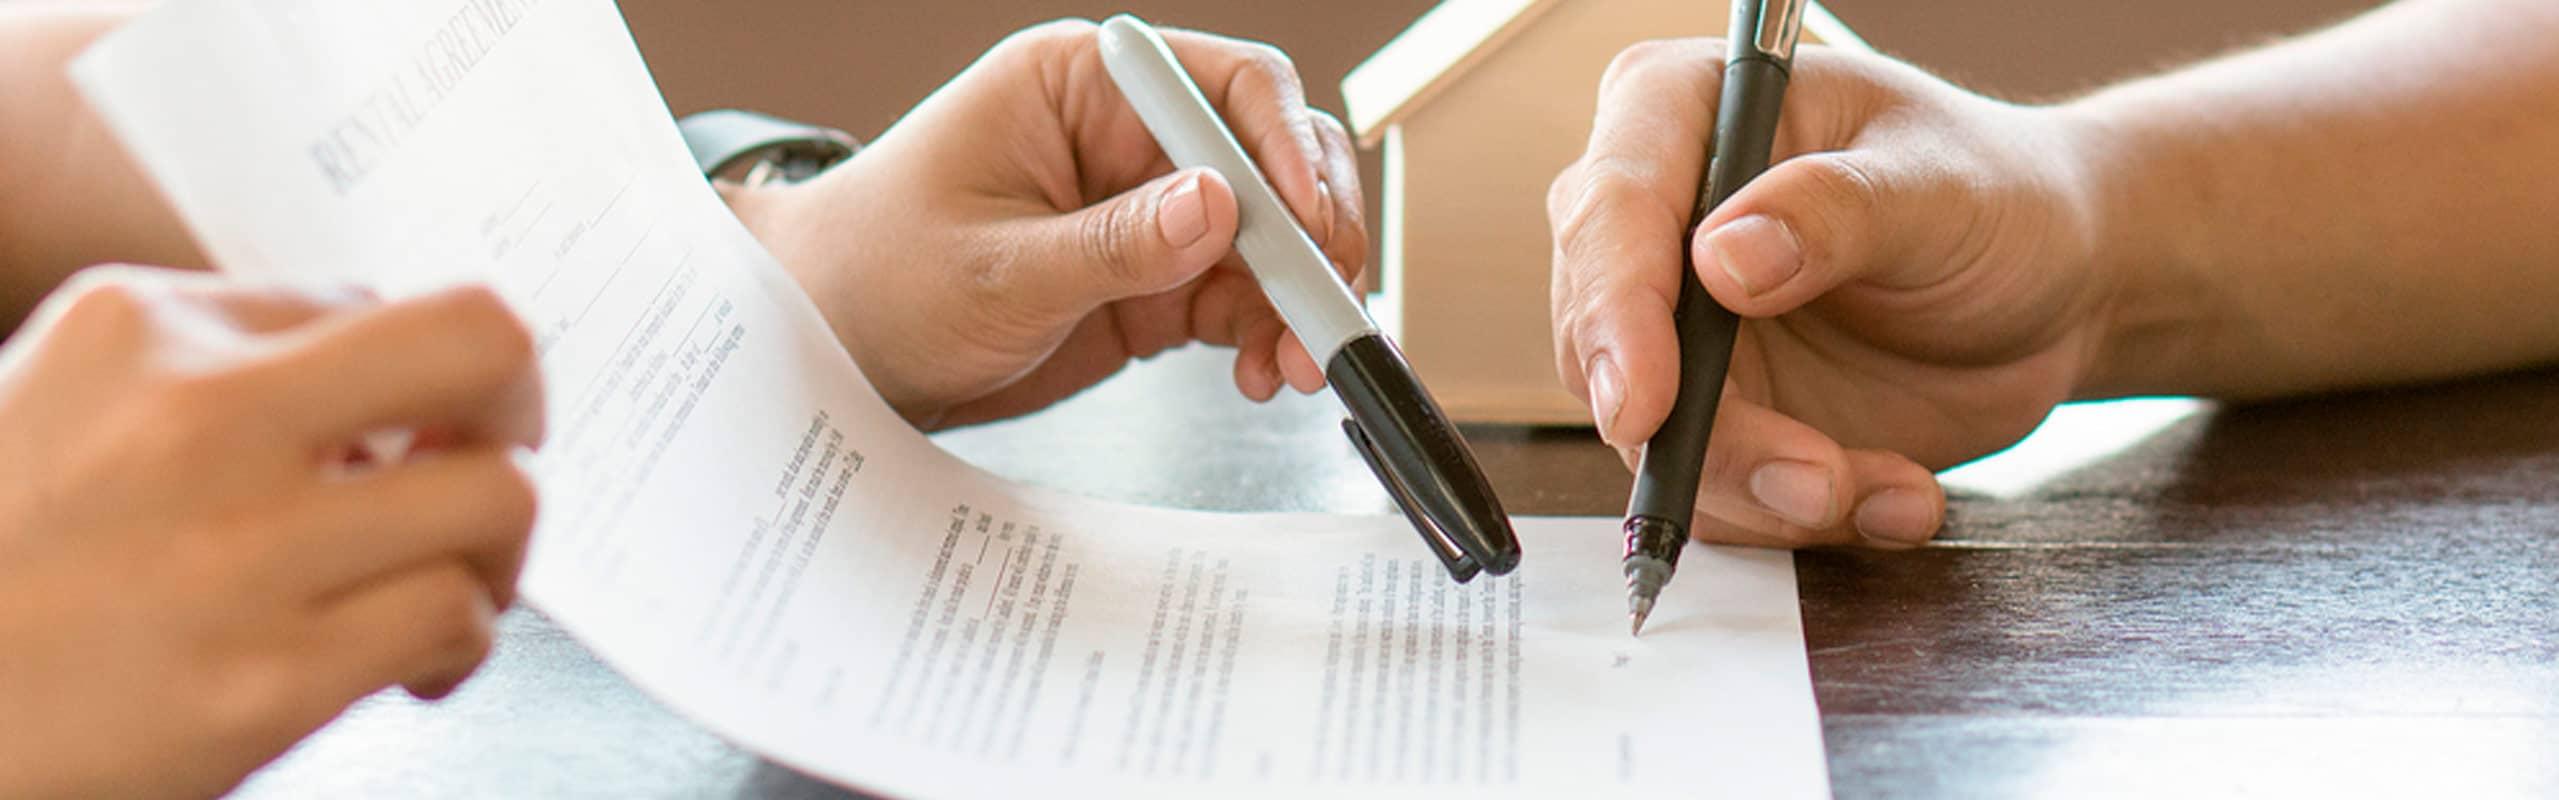 Descubre el contrato de arras y qué debes tener en cuenta antes de firmar uno